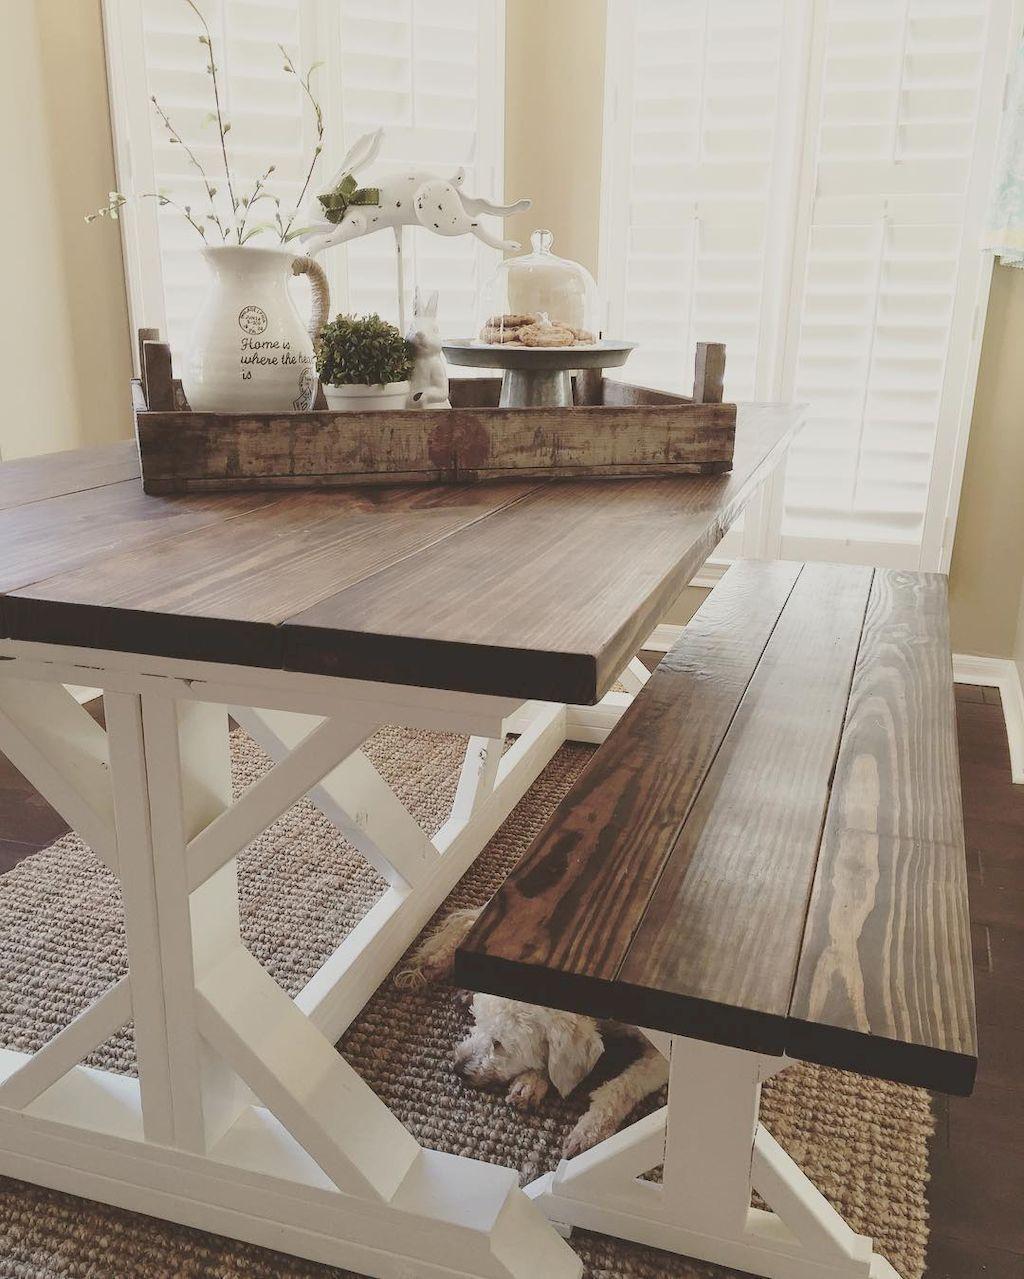 39 Latest Farmhouse Decor Ideas For Dining Room